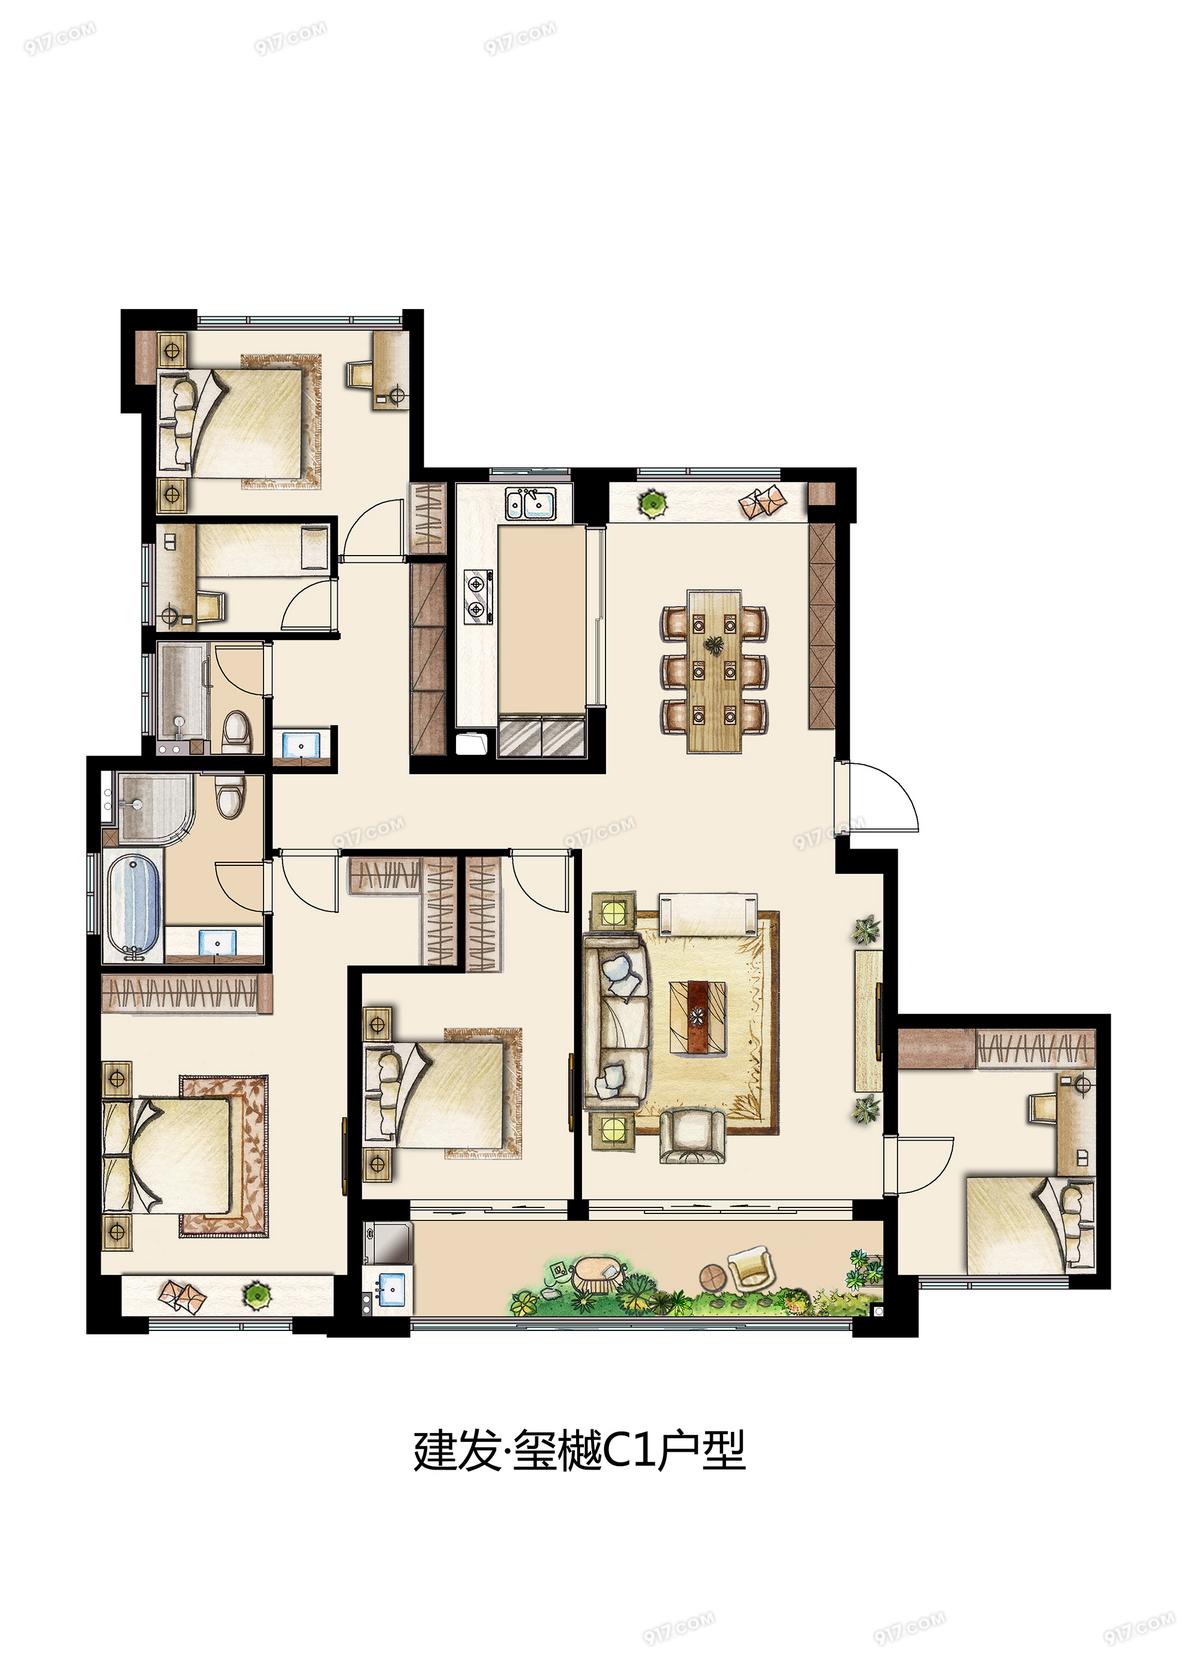 C1 186平 五室两厅两卫